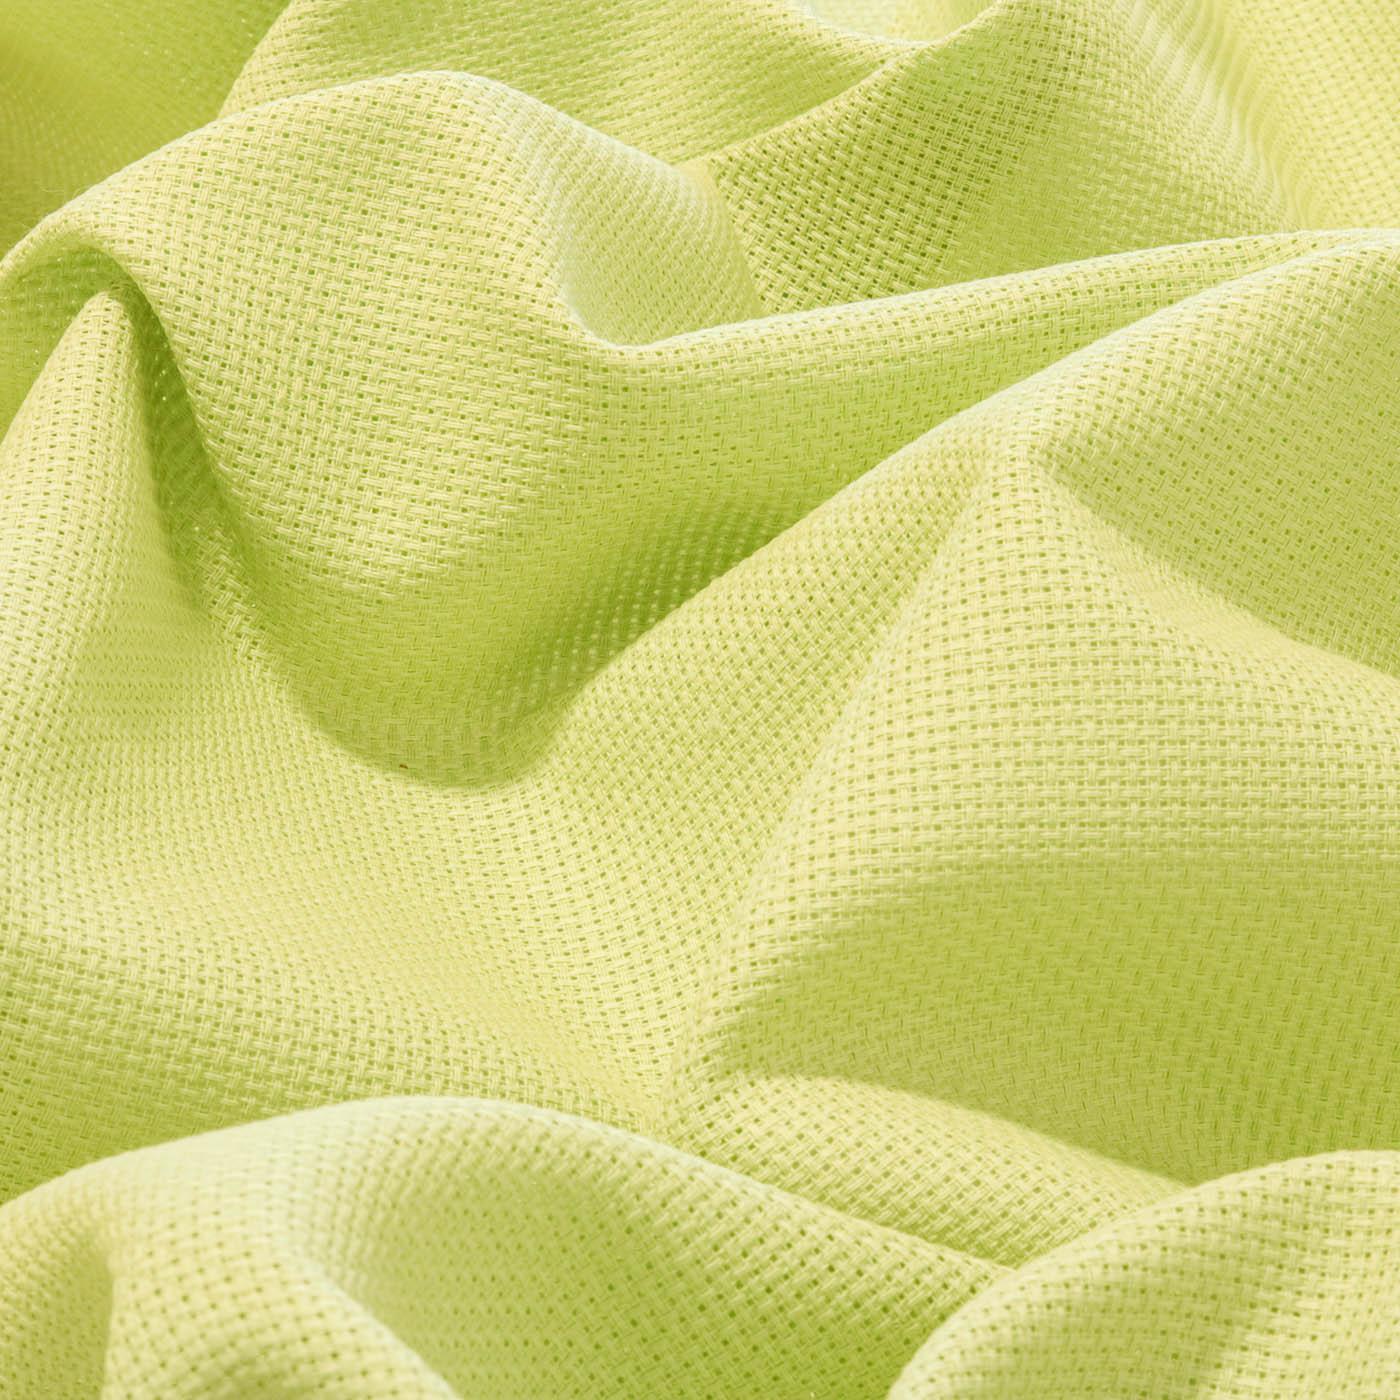 Tecido Etamine 100% Algodão 1,40 m Largura Verde Claro